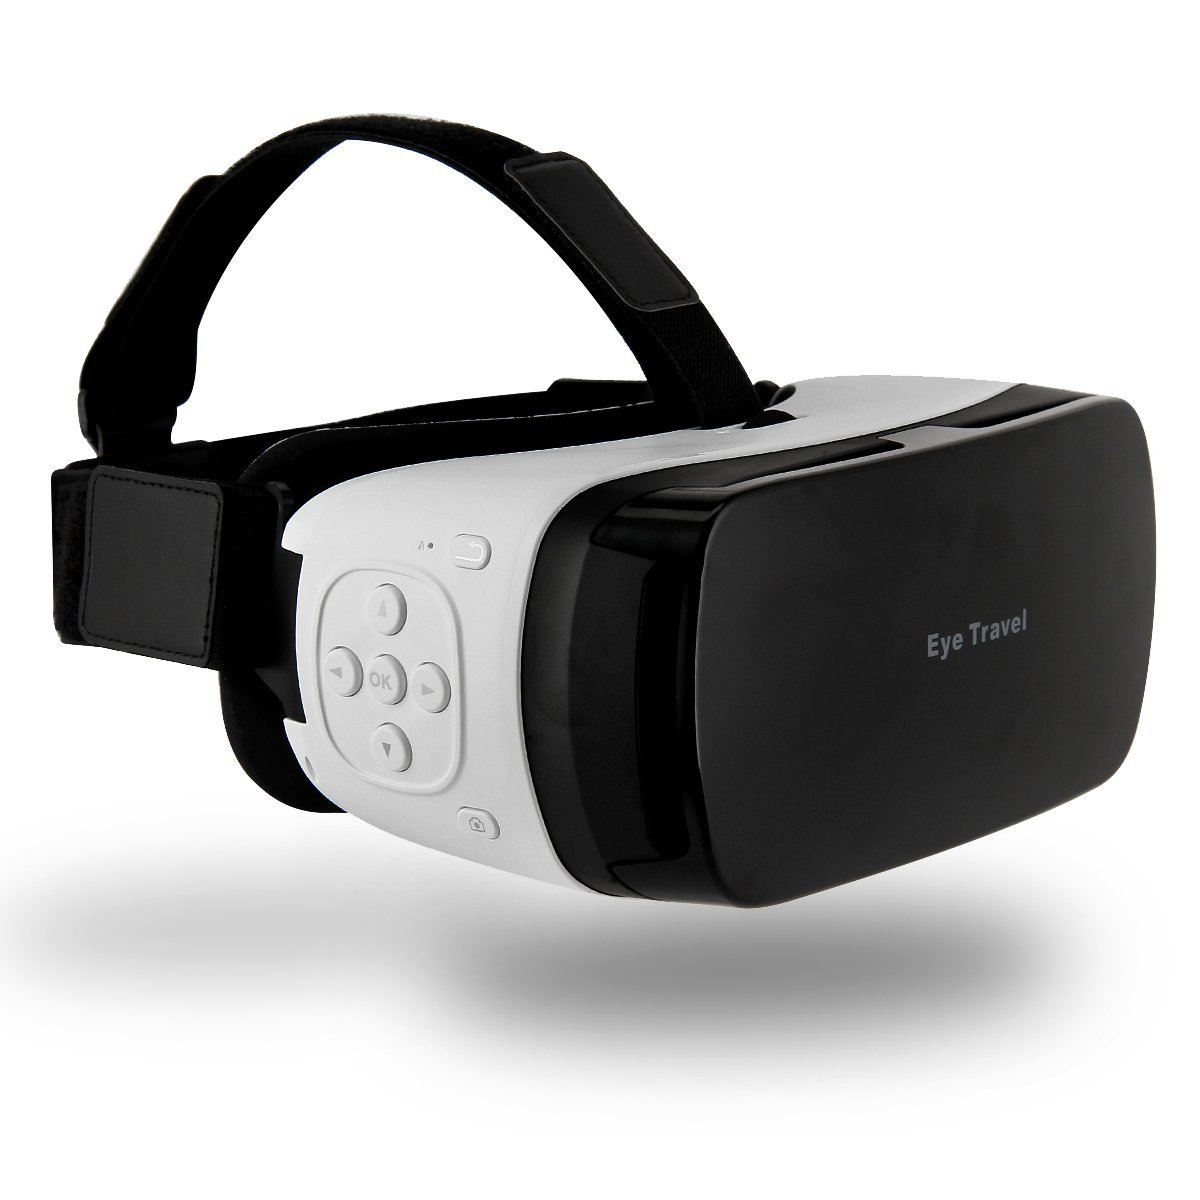 ถูก ใหม่3D VRกล่องแว่นตาเสมือนจริงบลูทูธควบคุมสำหรับiPhone 6วินาทีp lusสำหรับS Amsungยินดีต้อนรับสู่โลกของVR